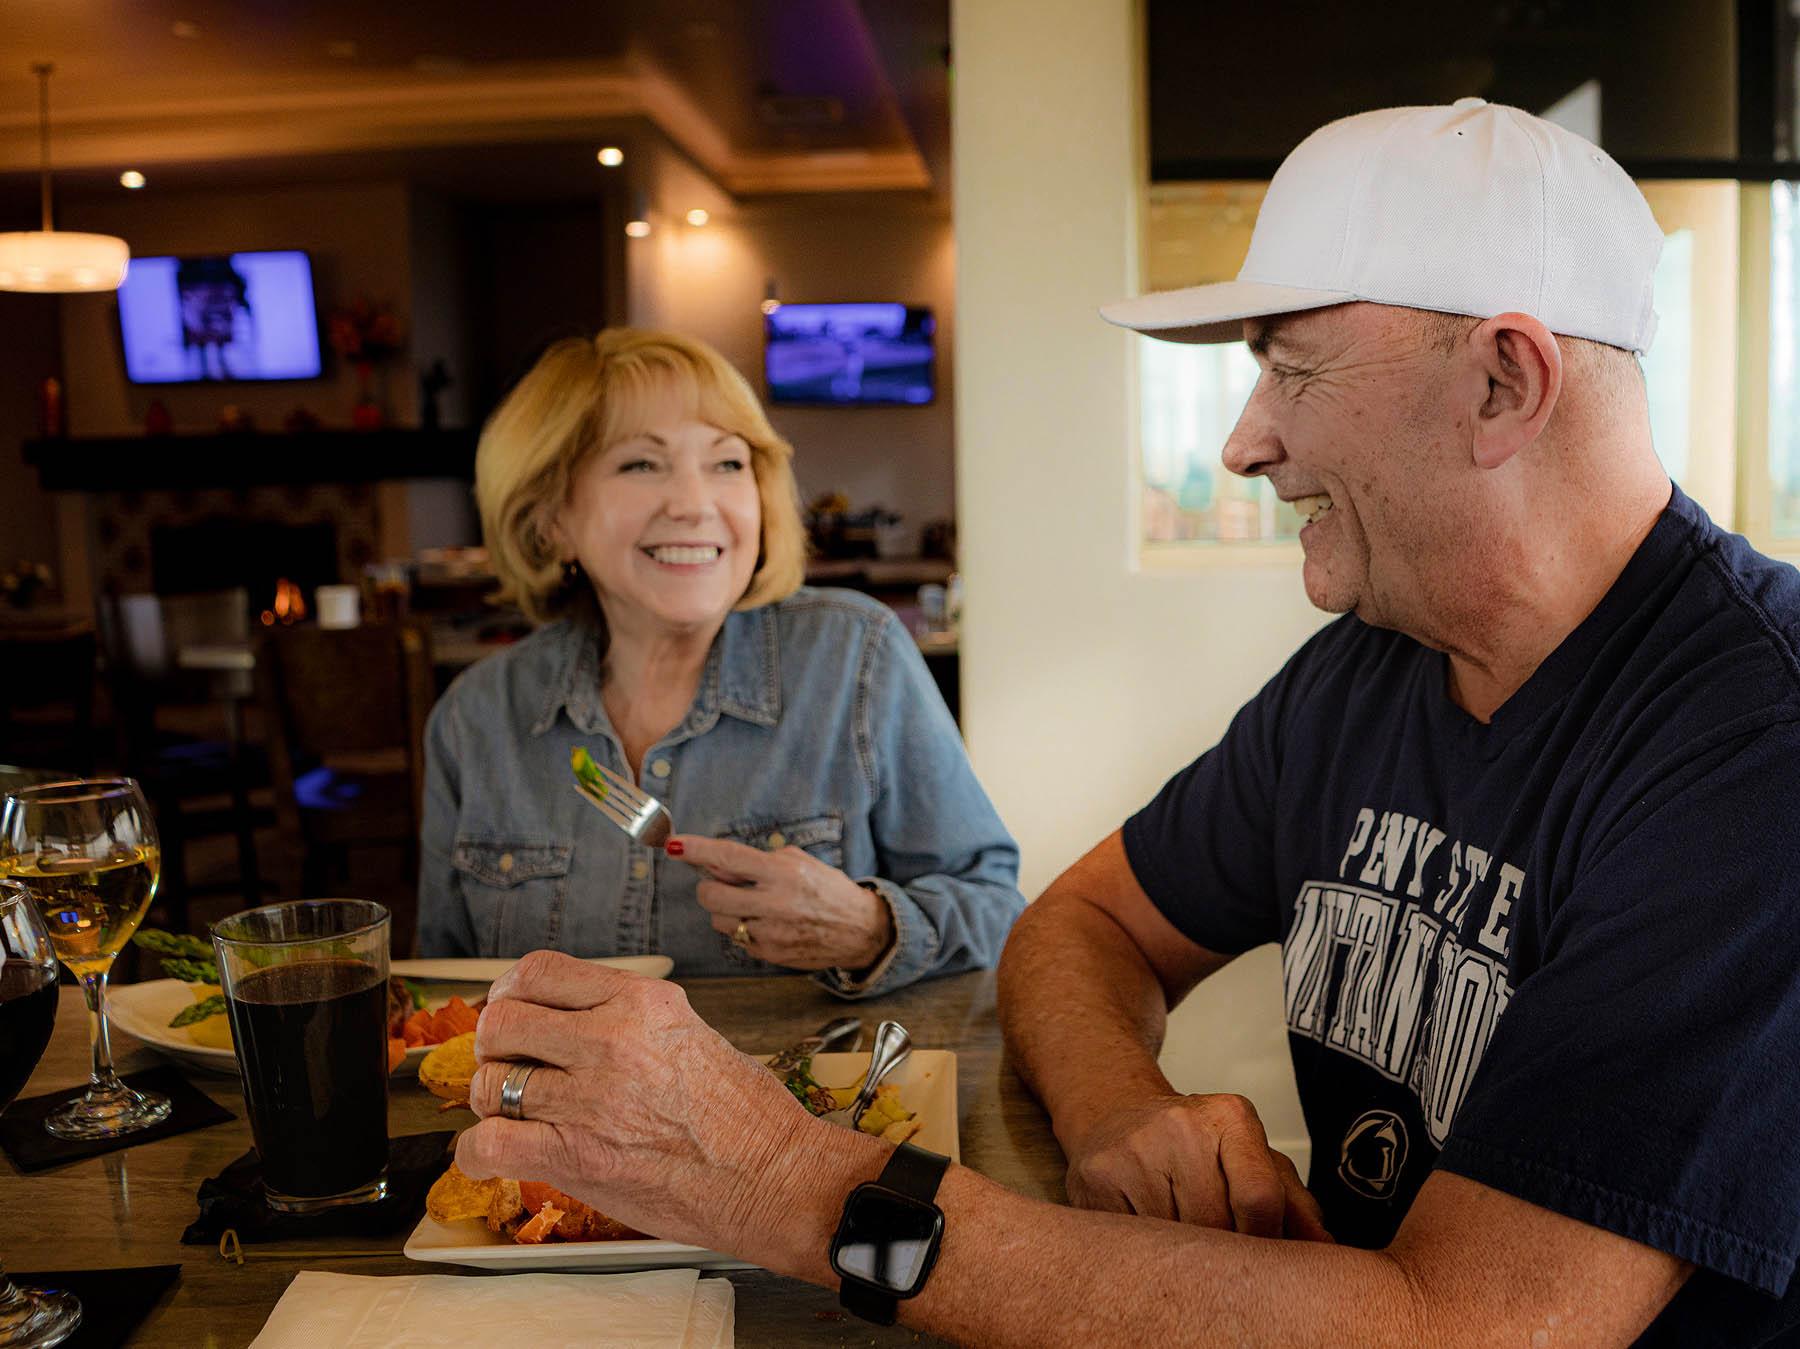 Dine at Morongo Golf Club at Tukwet Canyon